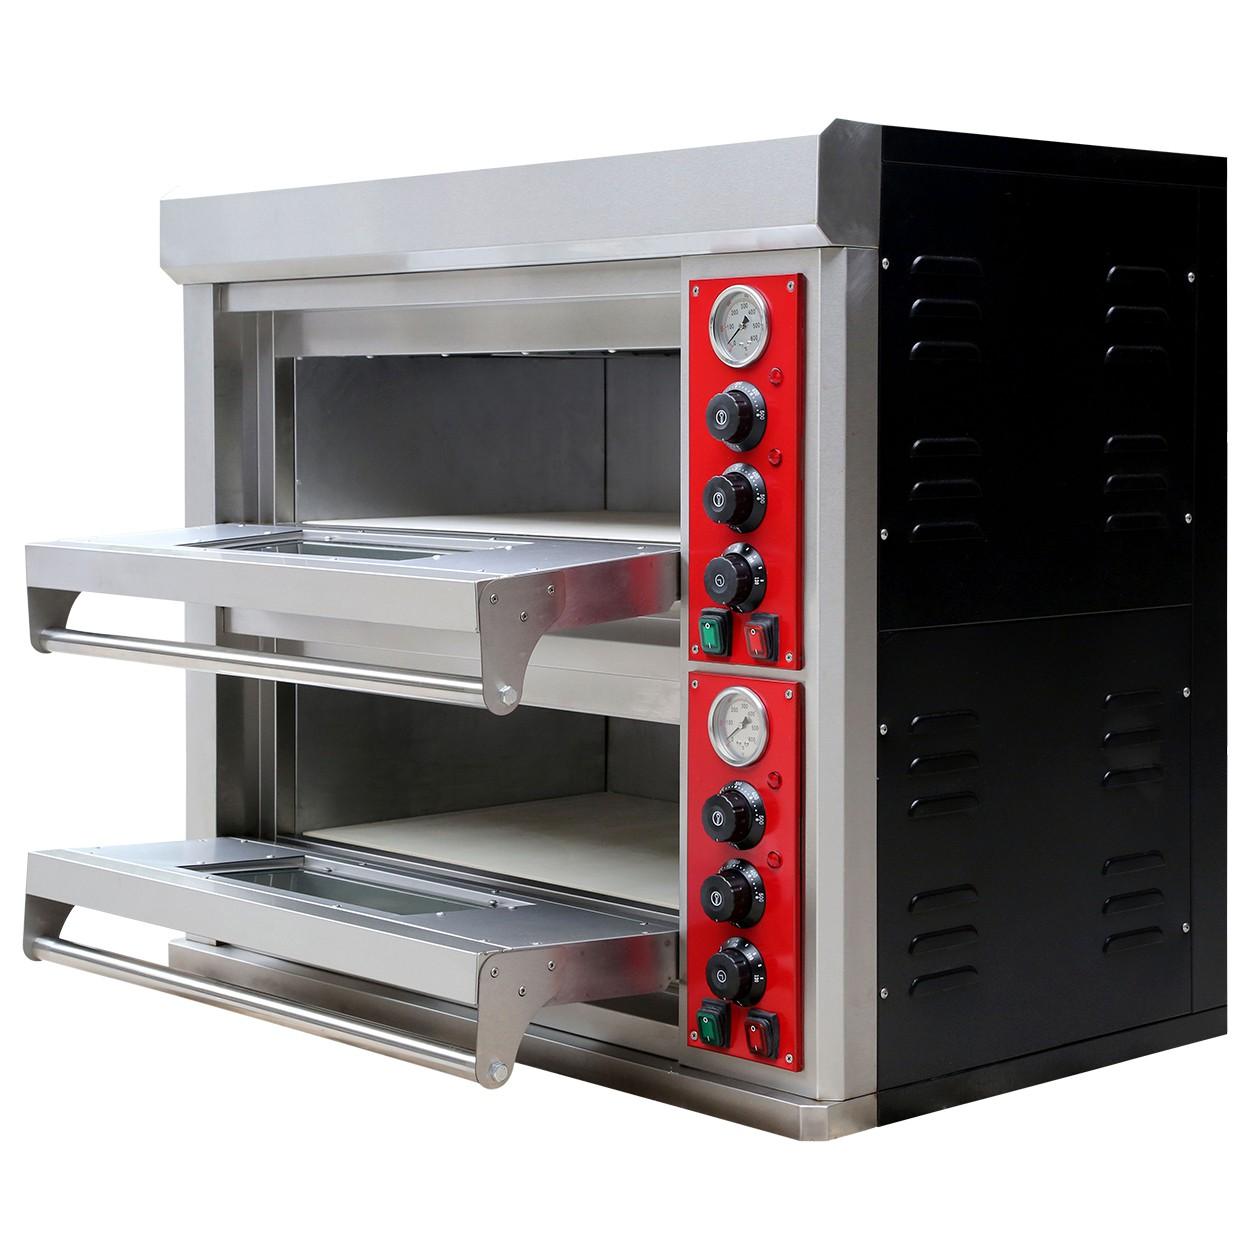 pizzaofen edelstahl 2 kammern 400 v f r die gastronomie ober unterhitze imbiss und pizzeria. Black Bedroom Furniture Sets. Home Design Ideas